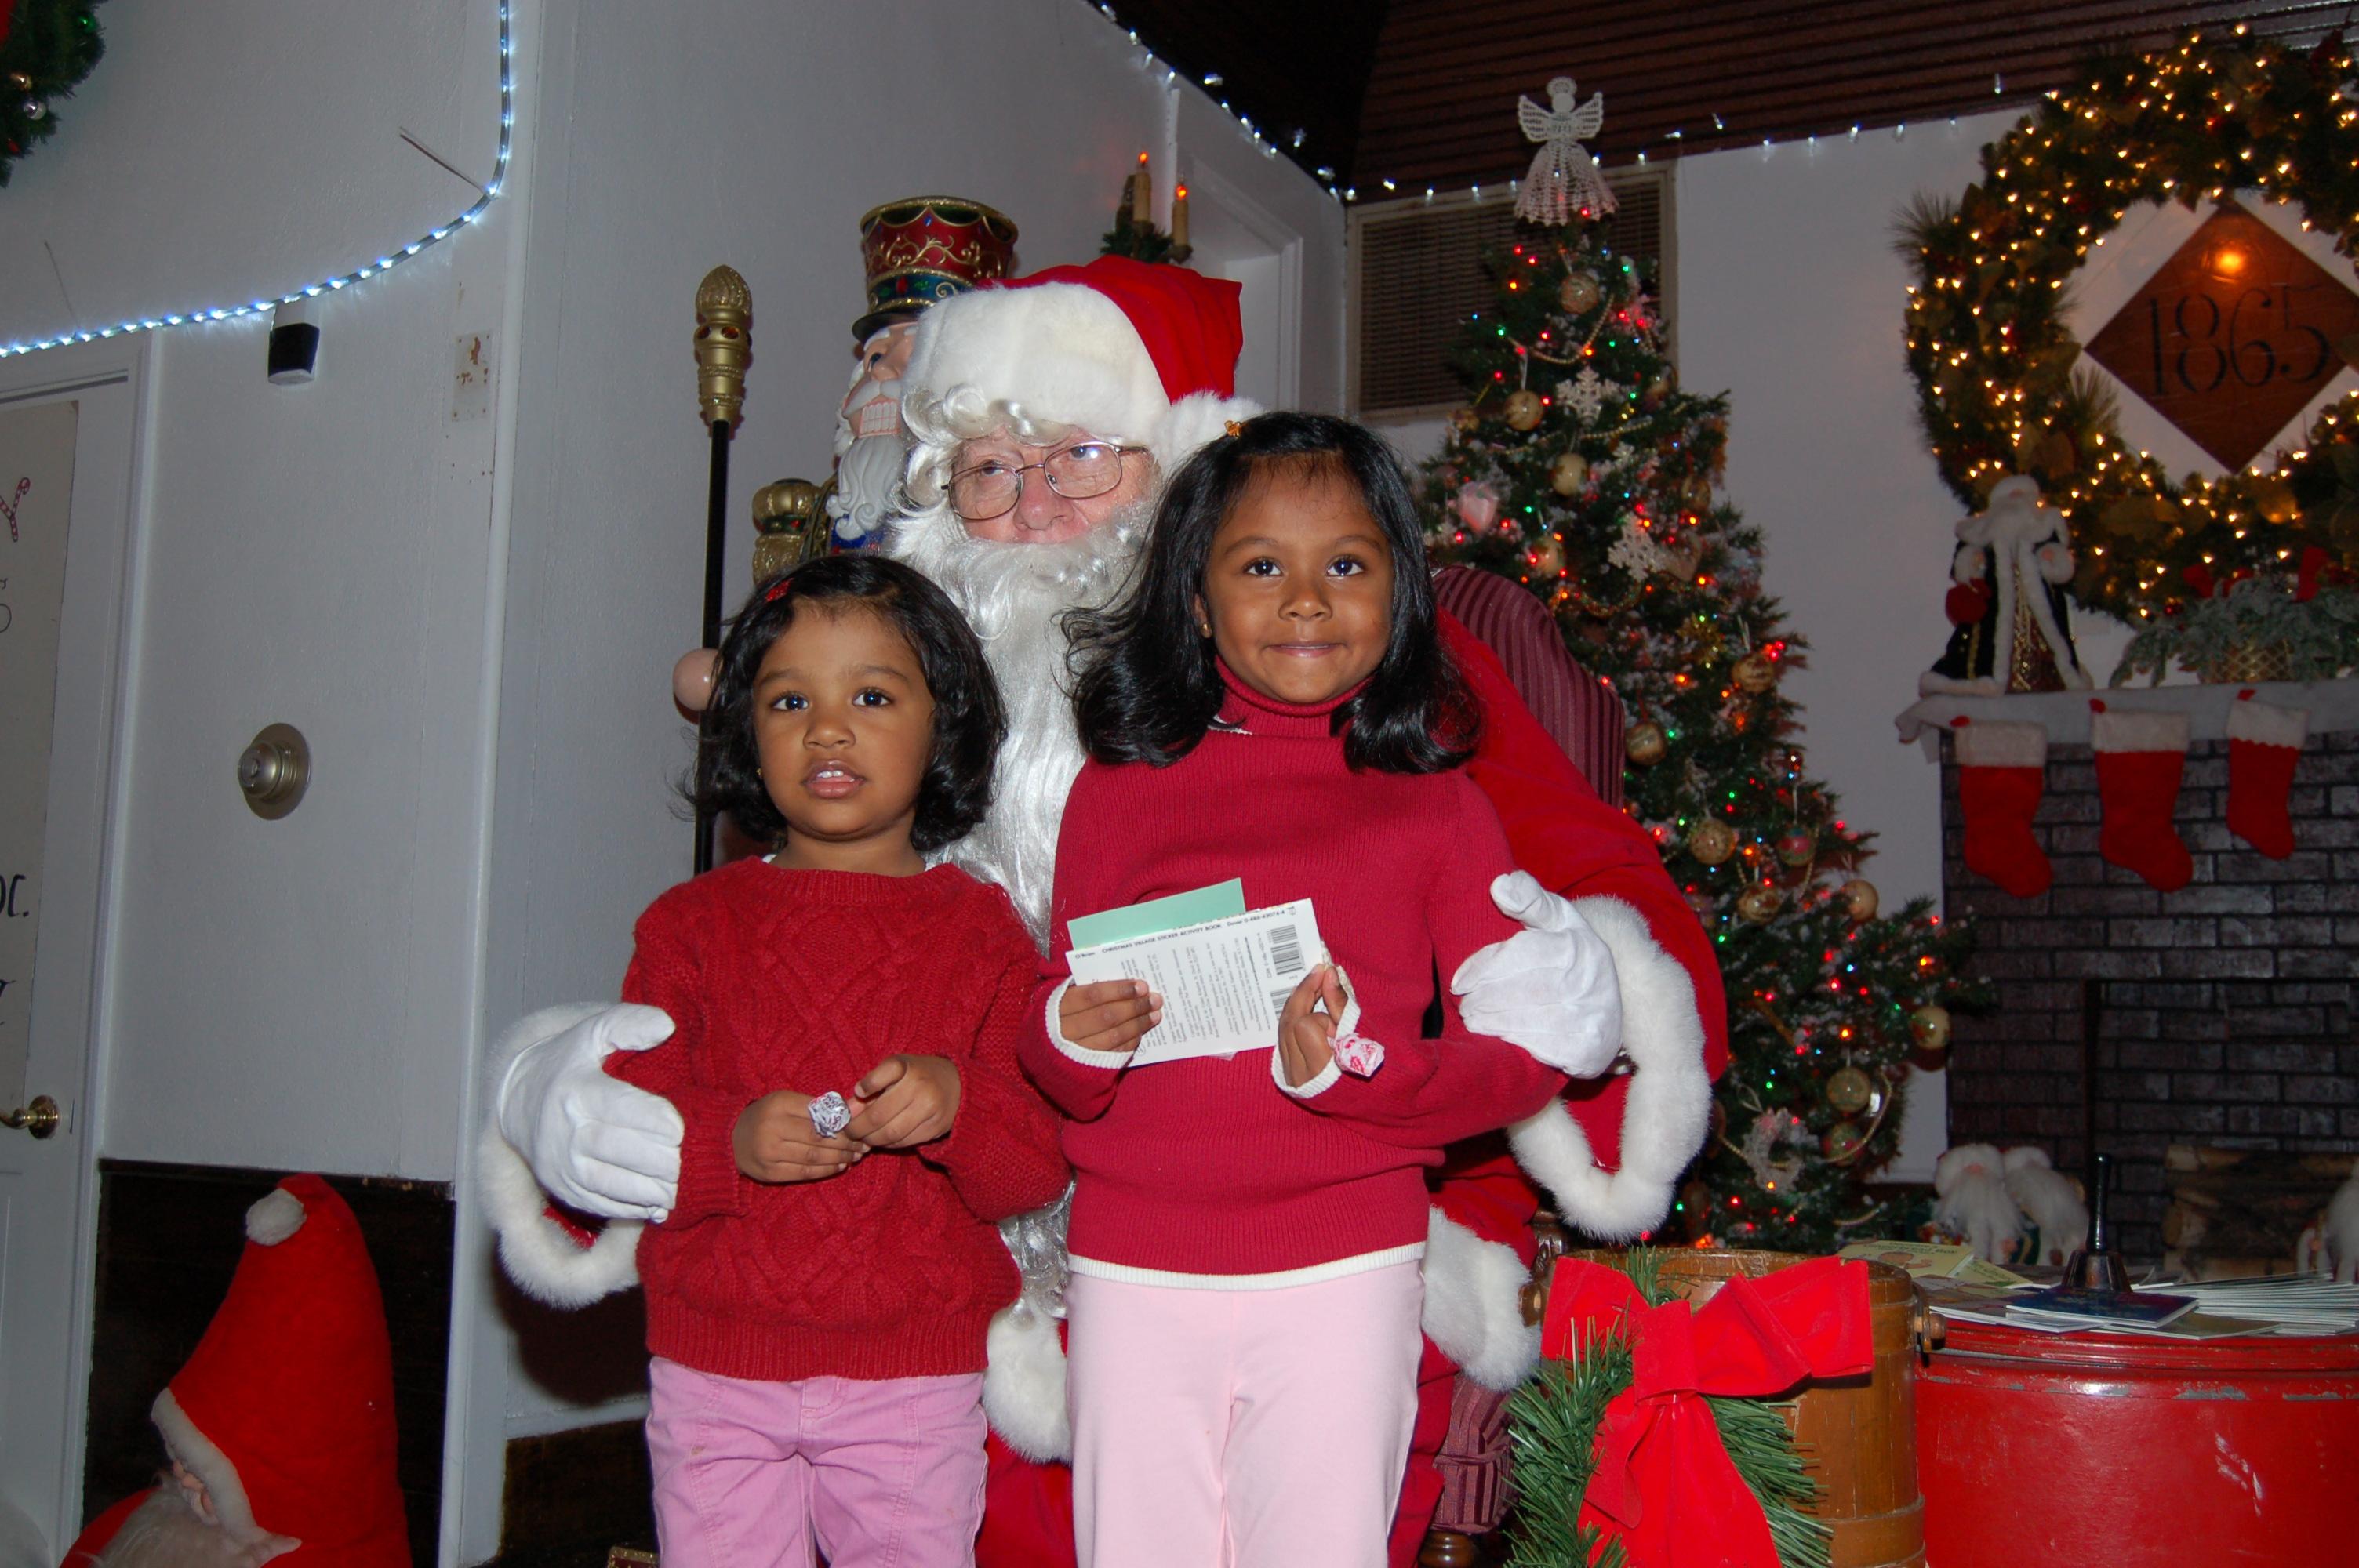 LolliPop+Lane+12-1-2007+Picture+015.jpg